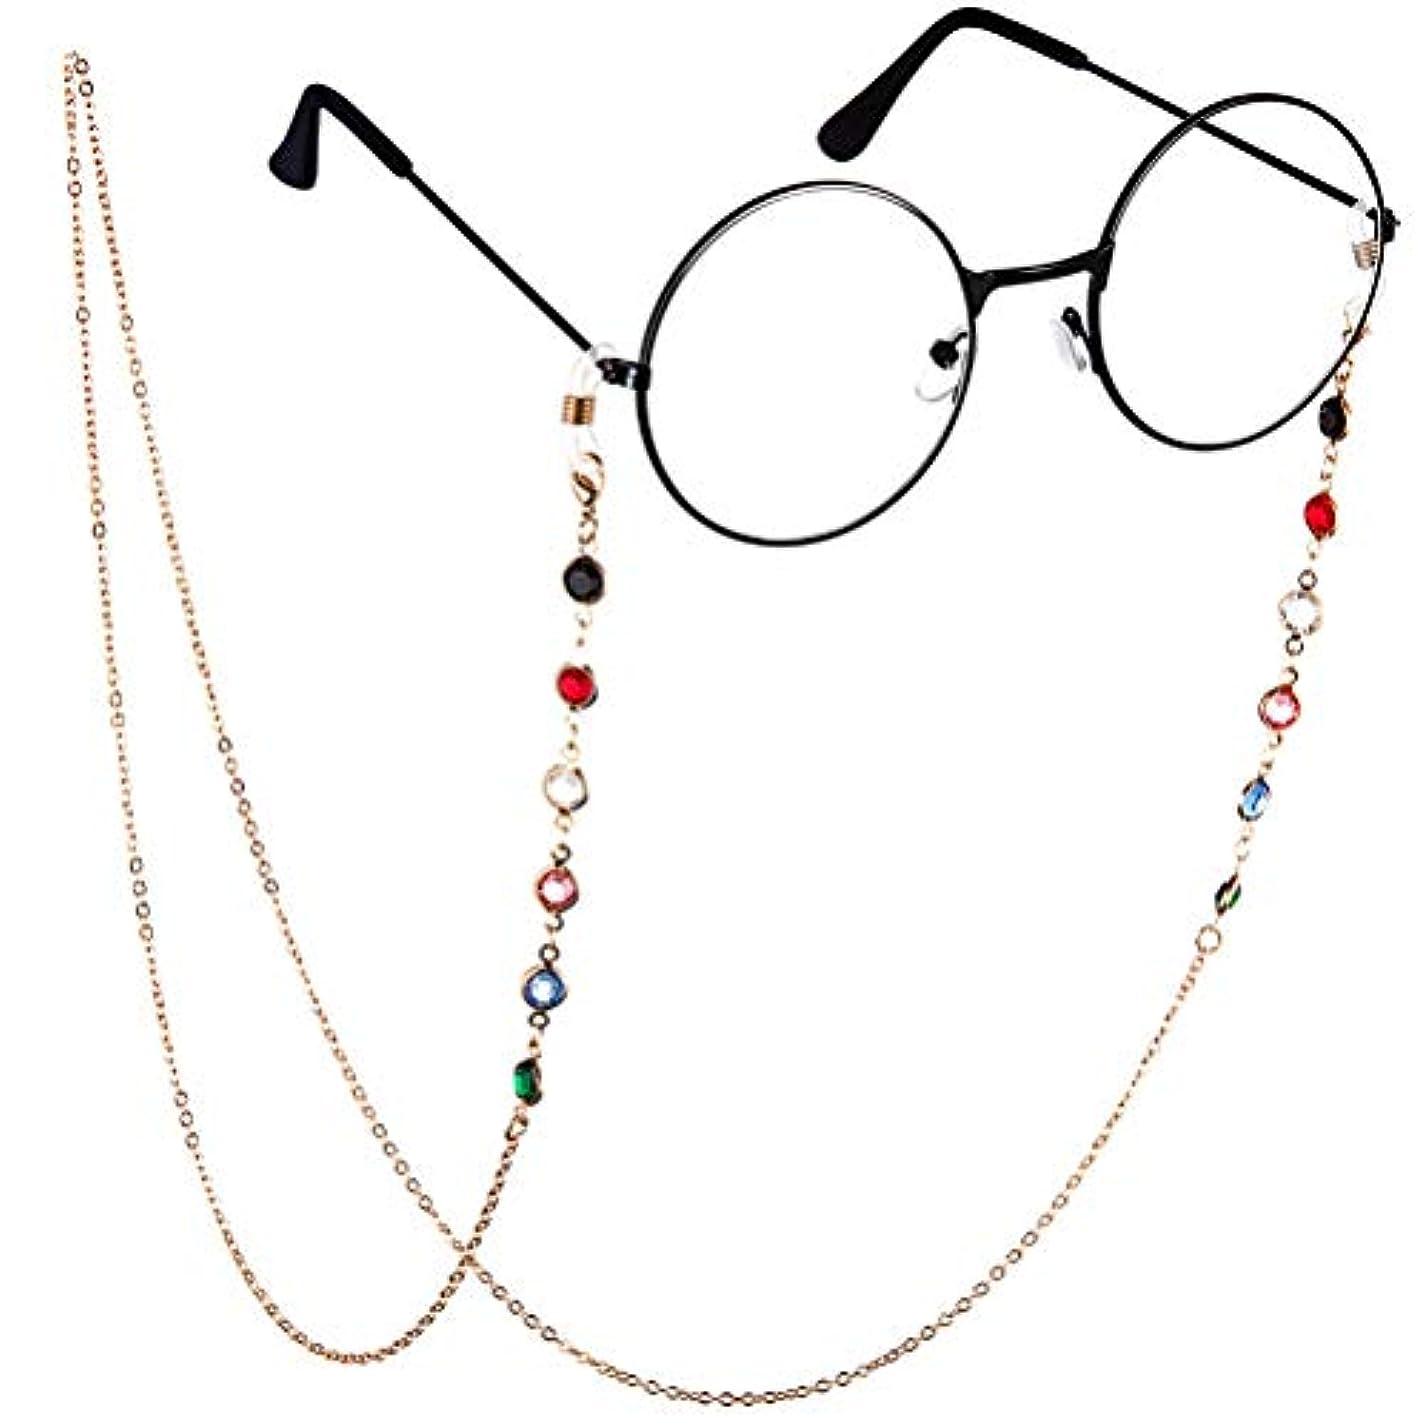 計り知れないスキップ落ち着いてBTSMAT ファッションジェムメガネチェーンメガネ老眼鏡メガネメガネホルダーストラップストラップ